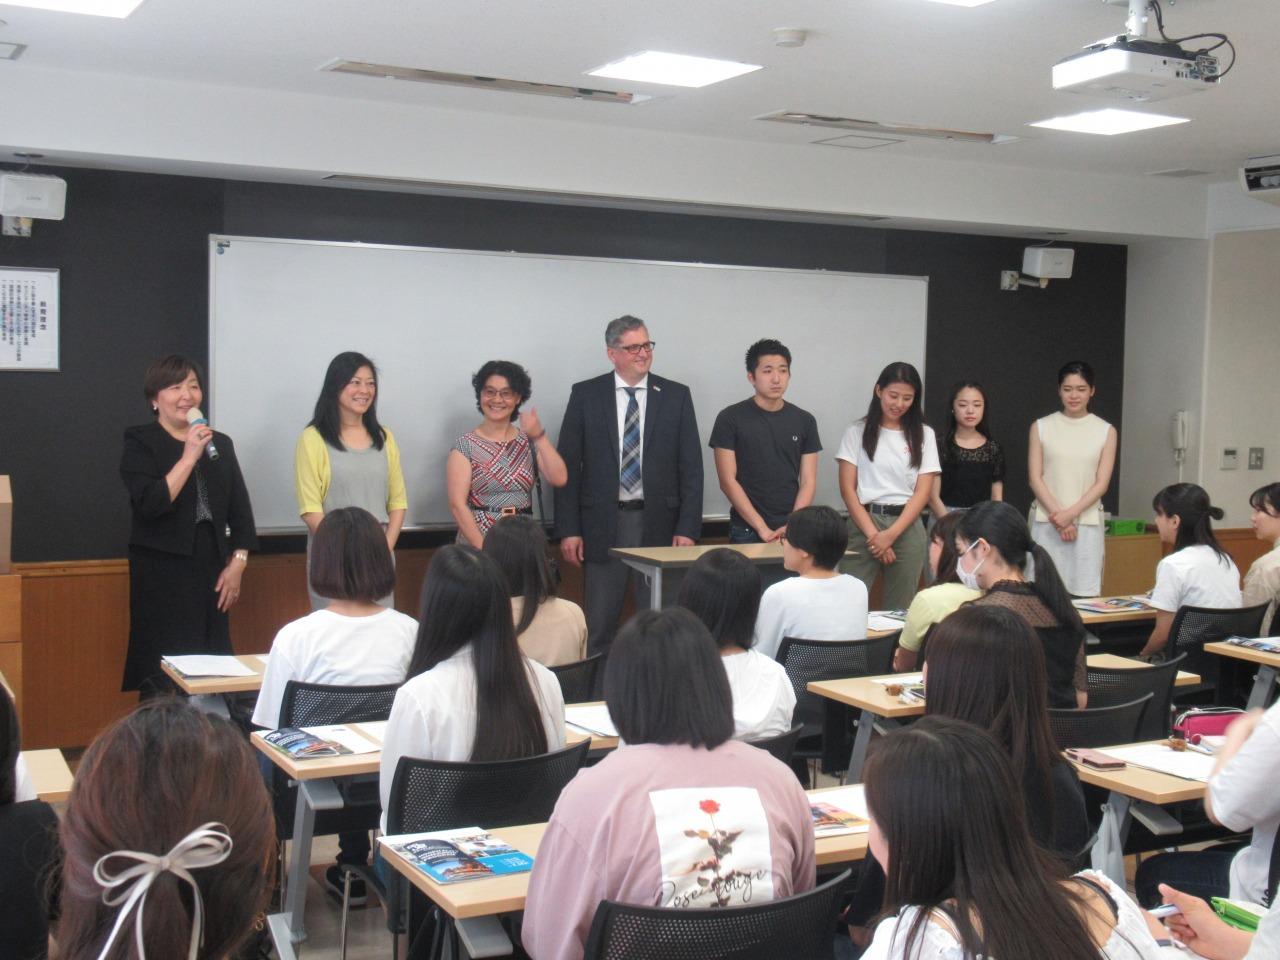 両校の先生方と留学経験の2年生:左寄り亮子先生・Ai Lin先生・Jennifer先生・Mark先生、2年生